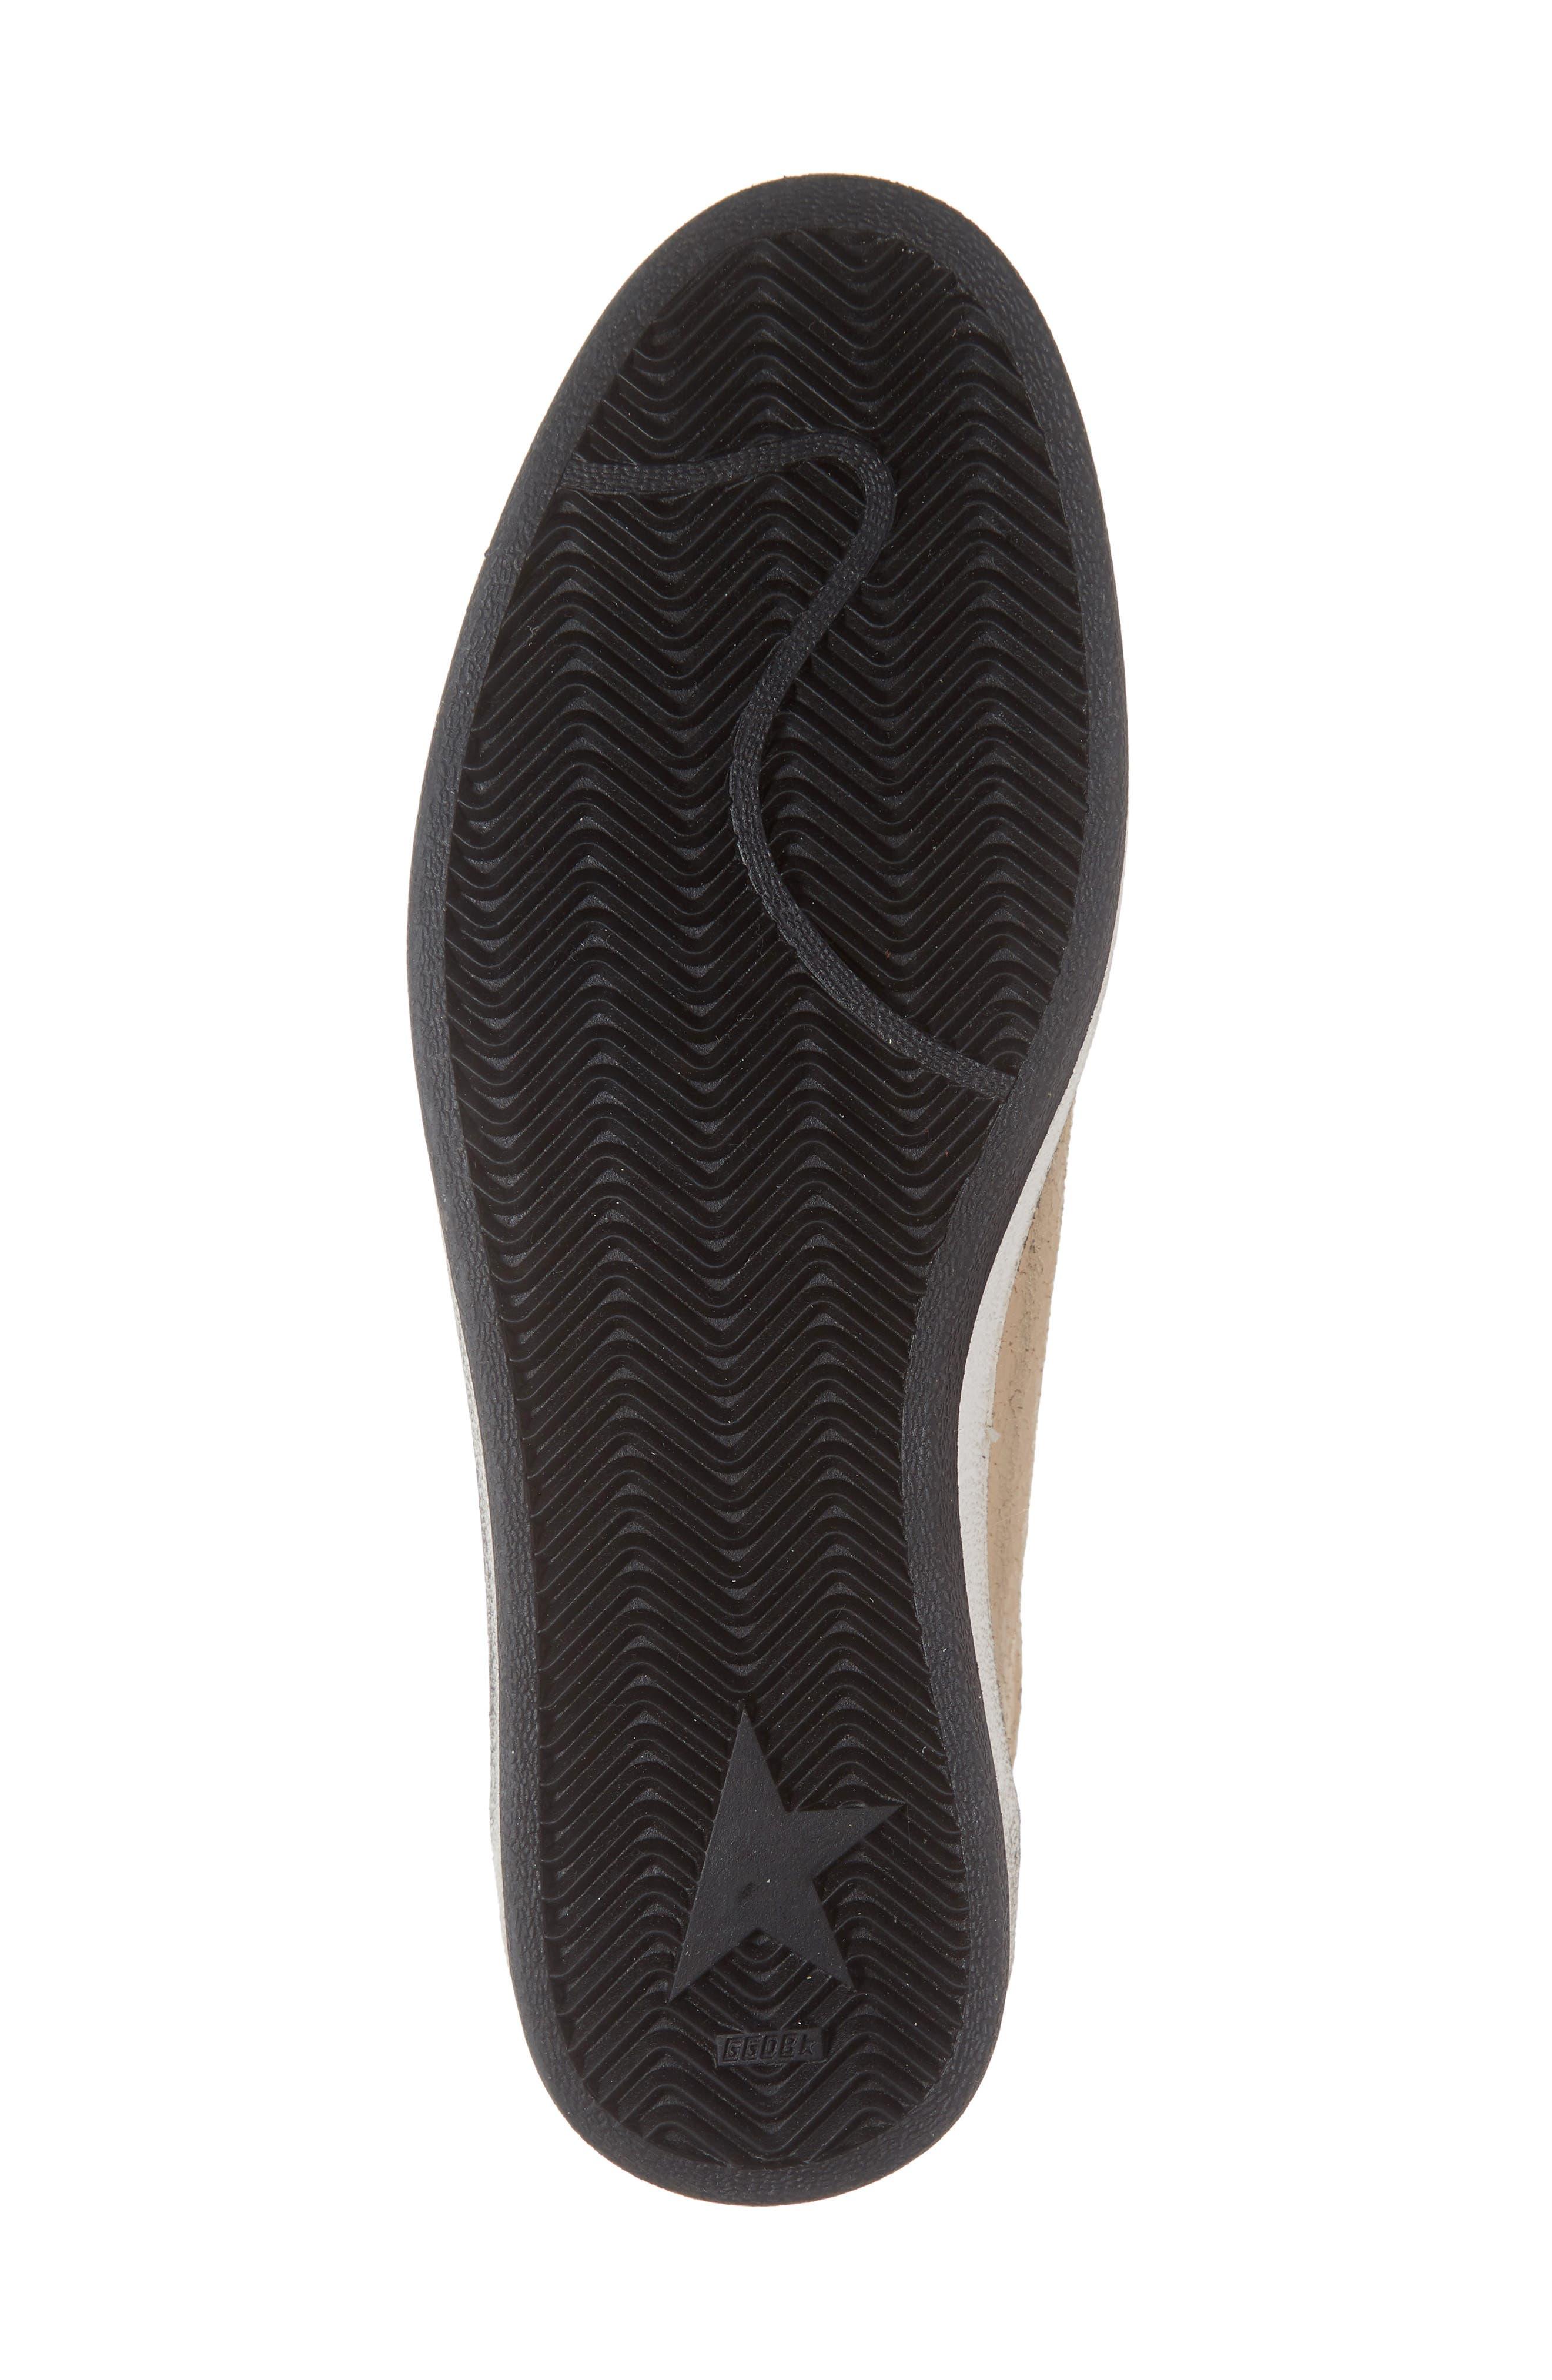 B-Ball Star Sneaker,                             Alternate thumbnail 6, color,                             004